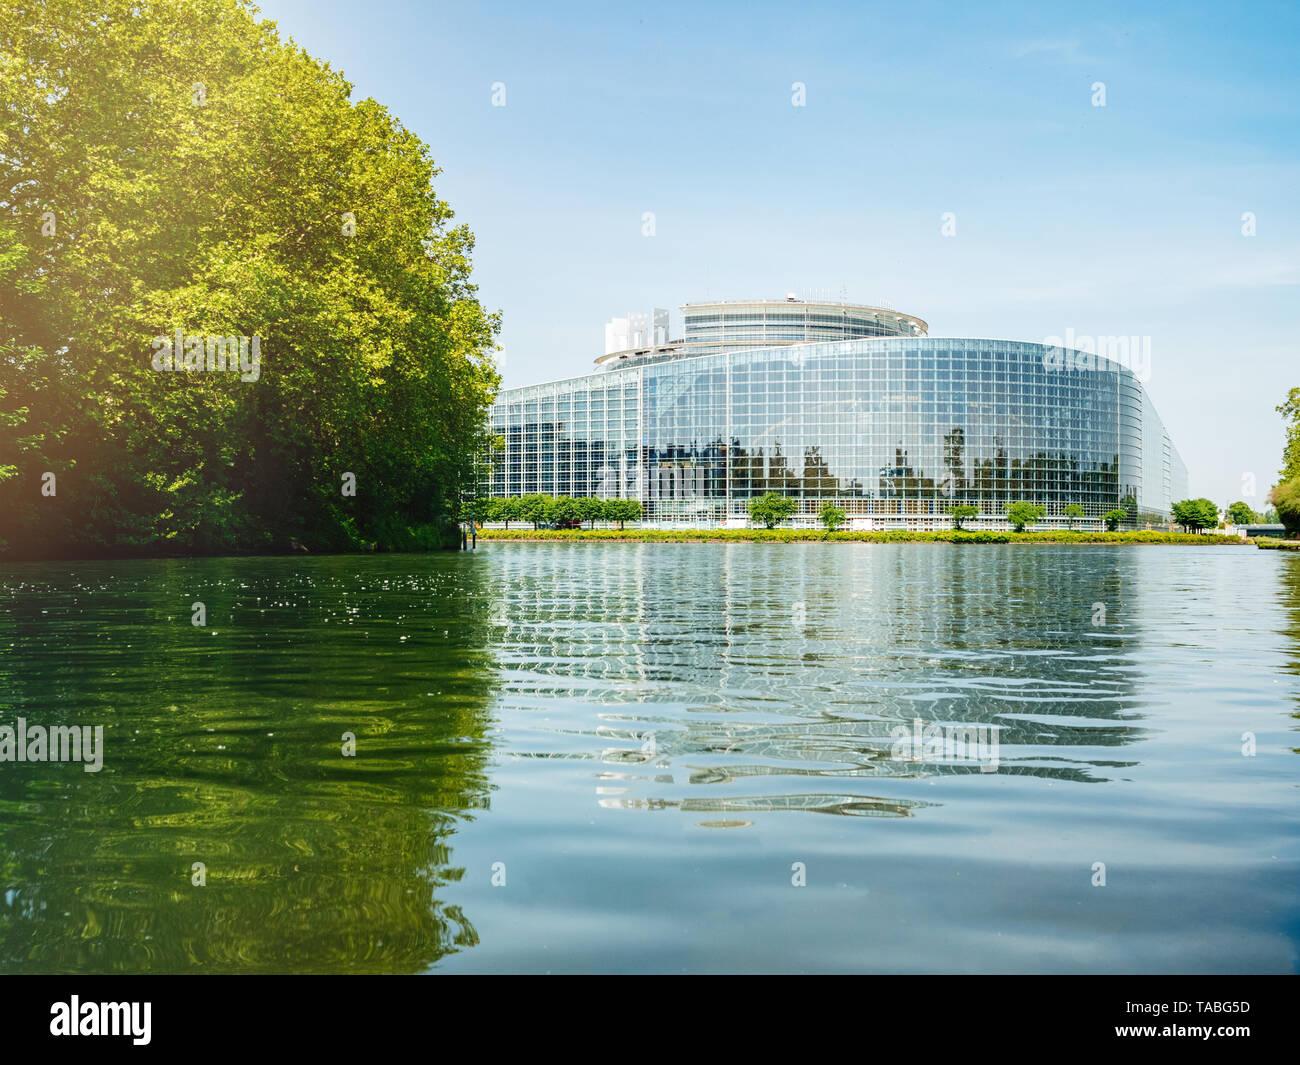 Low Angle View der breiten Fassade Hauptsitz des Europäischen Parlaments in Straßburg einen Tag vor 2019 zu den Wahlen zum Europäischen Parlament - klaren blauen Himmel und ruhige Ill Wasser Sonnenlicht Flare. Stockfoto